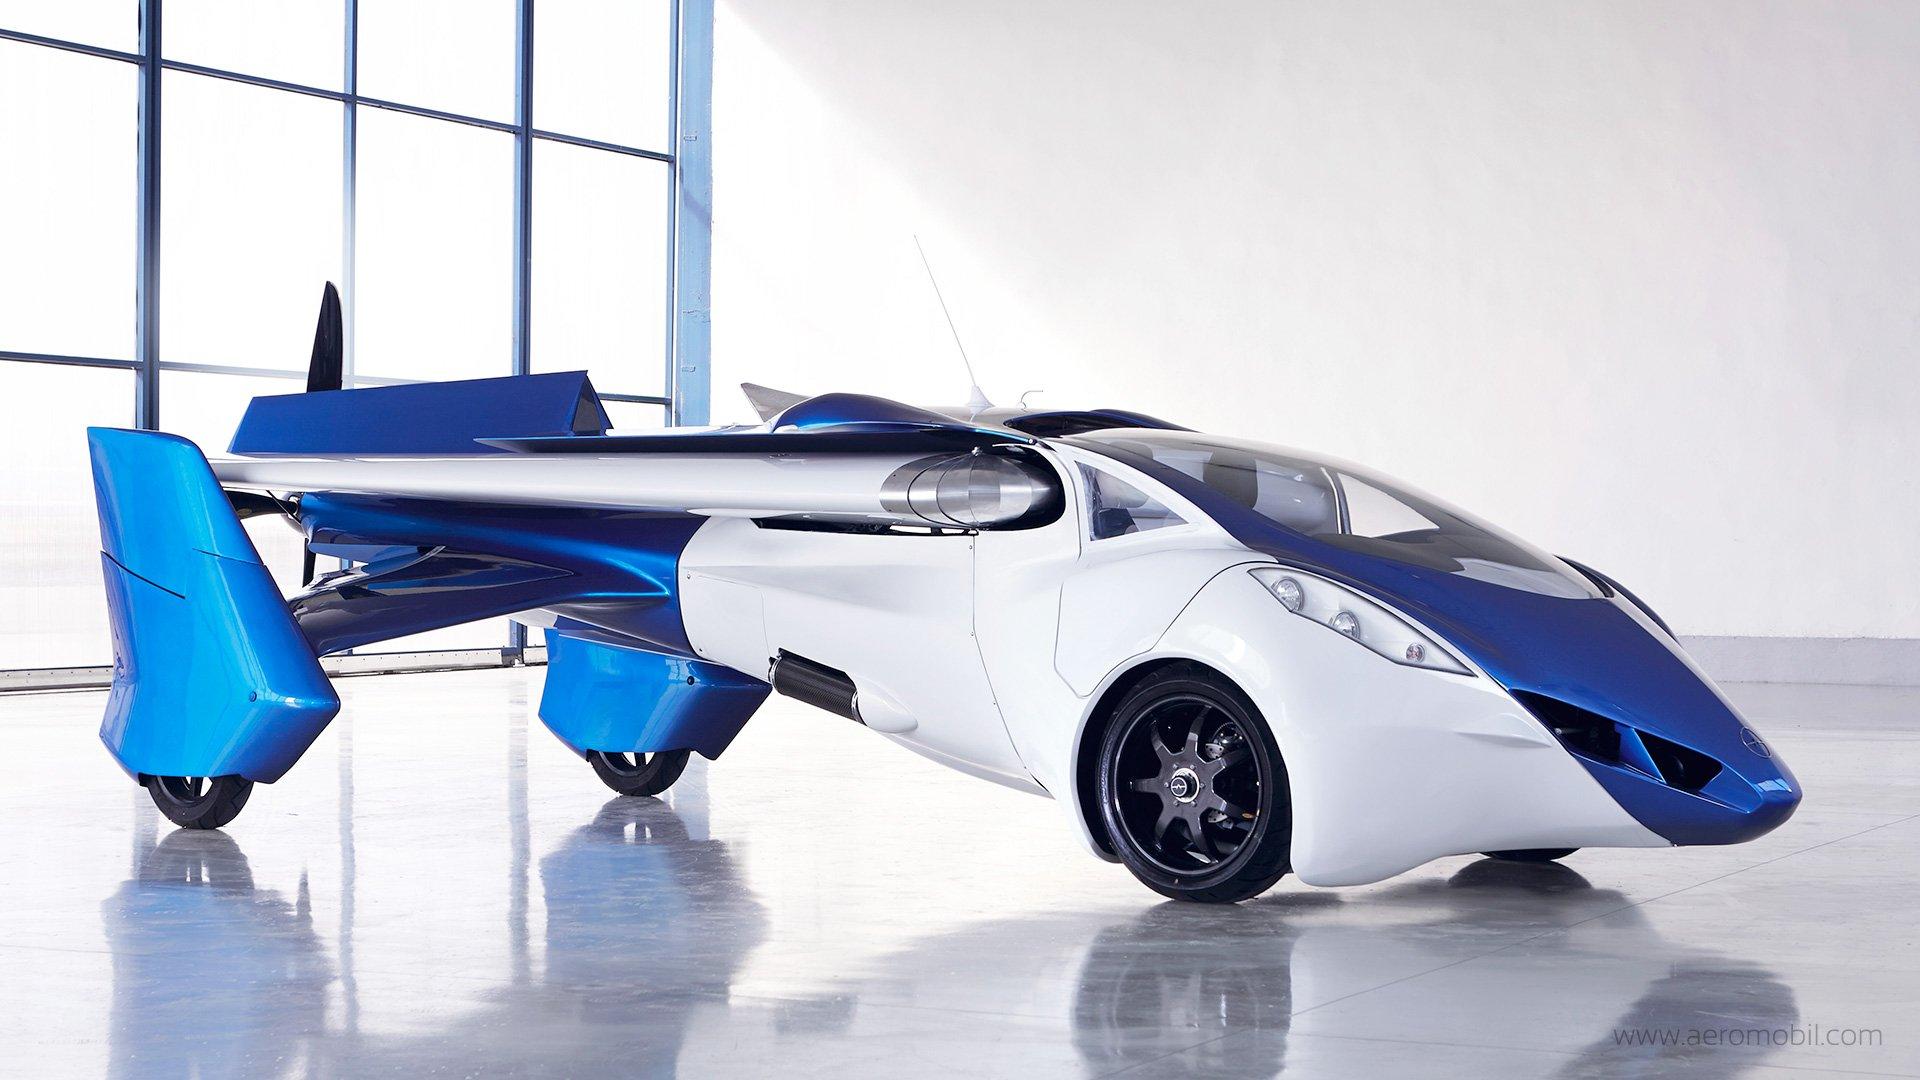 Летающий аэромобиль 3.0 выйдет в 2018 году